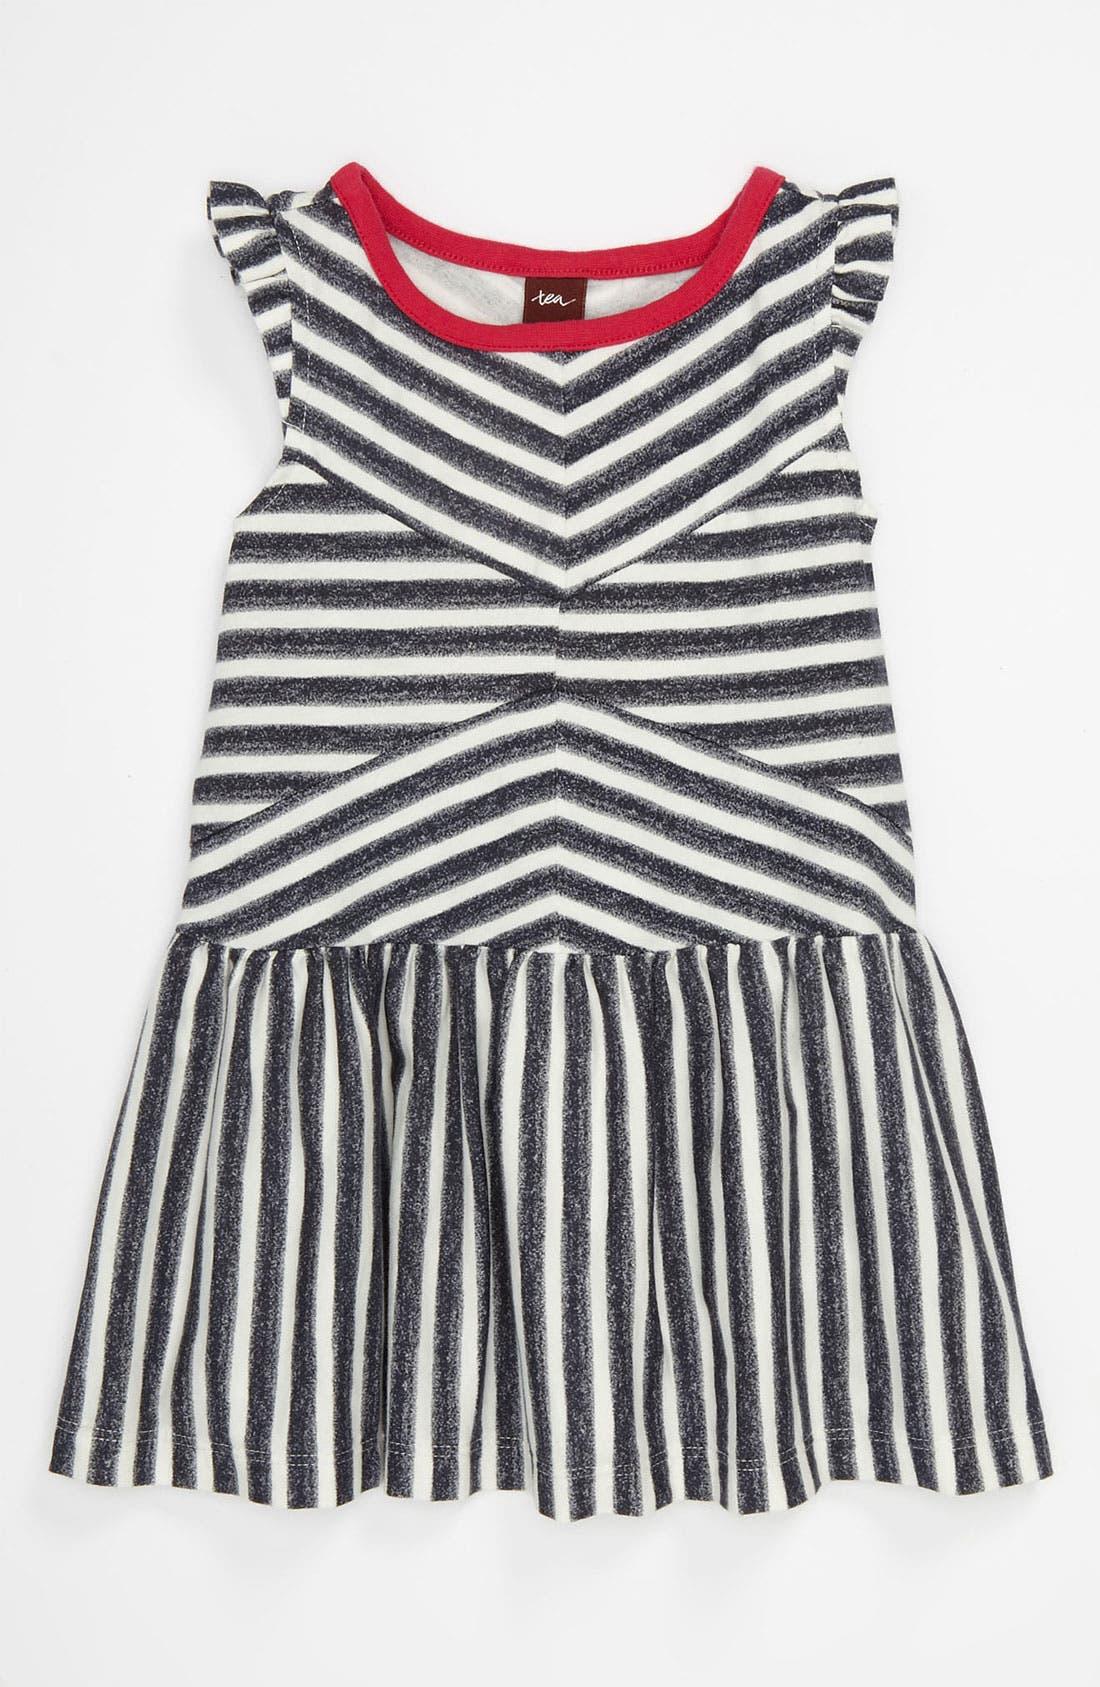 Main Image - Tea Collection 'Zebra Stripe' Flutter Dress (Infant)